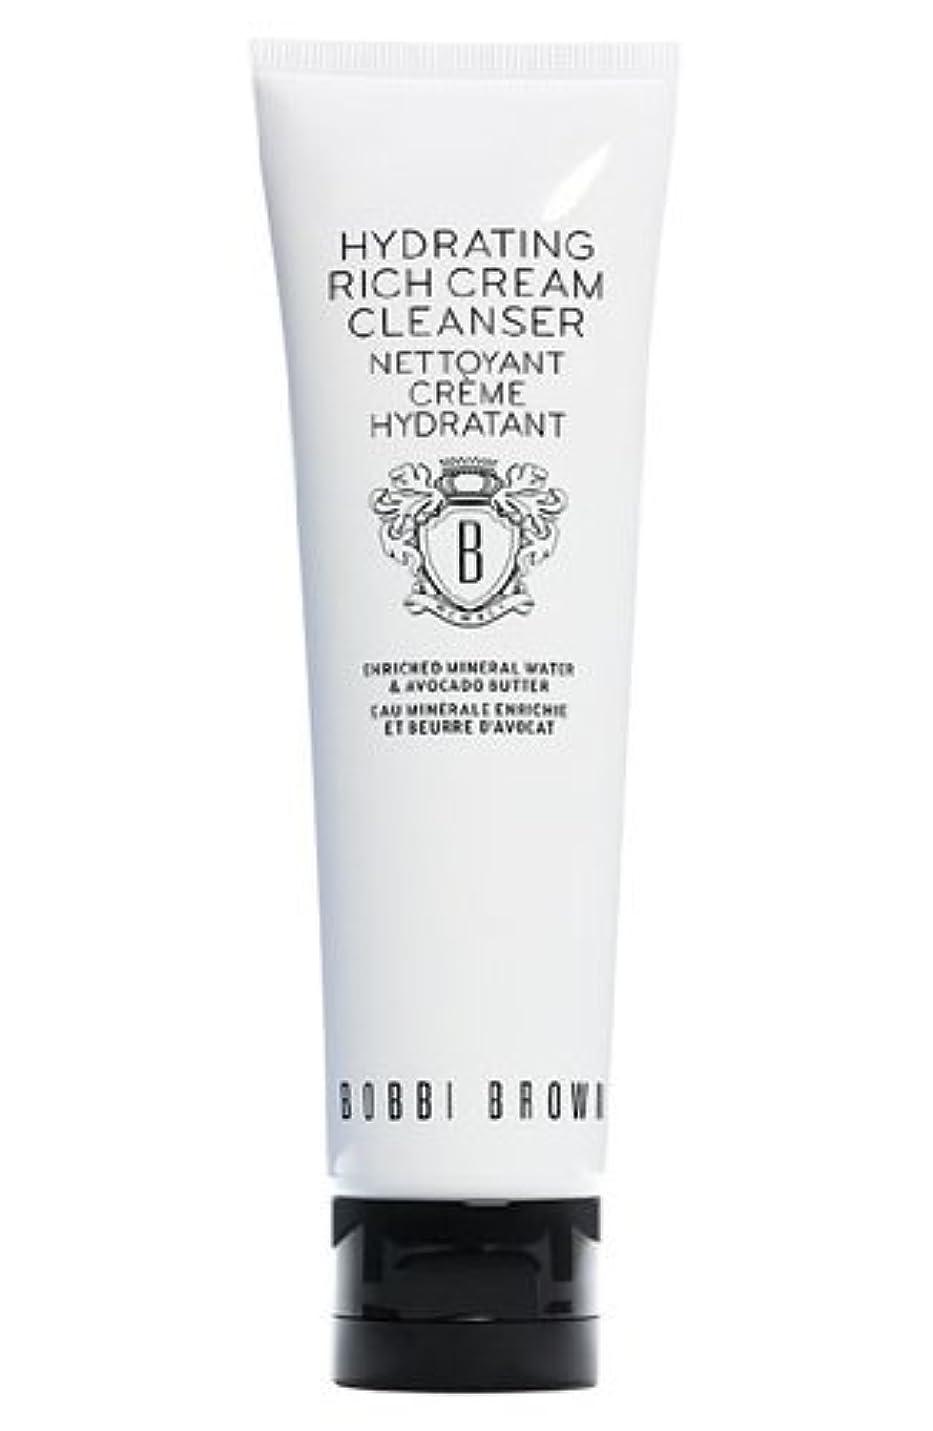 バウンス商品確実Bobbi Brown Hydrating Rich Cream Cleanser (ボビーブラウン ハイドレイティングリッチクリームクレンザー) 4.2 oz (126ml)